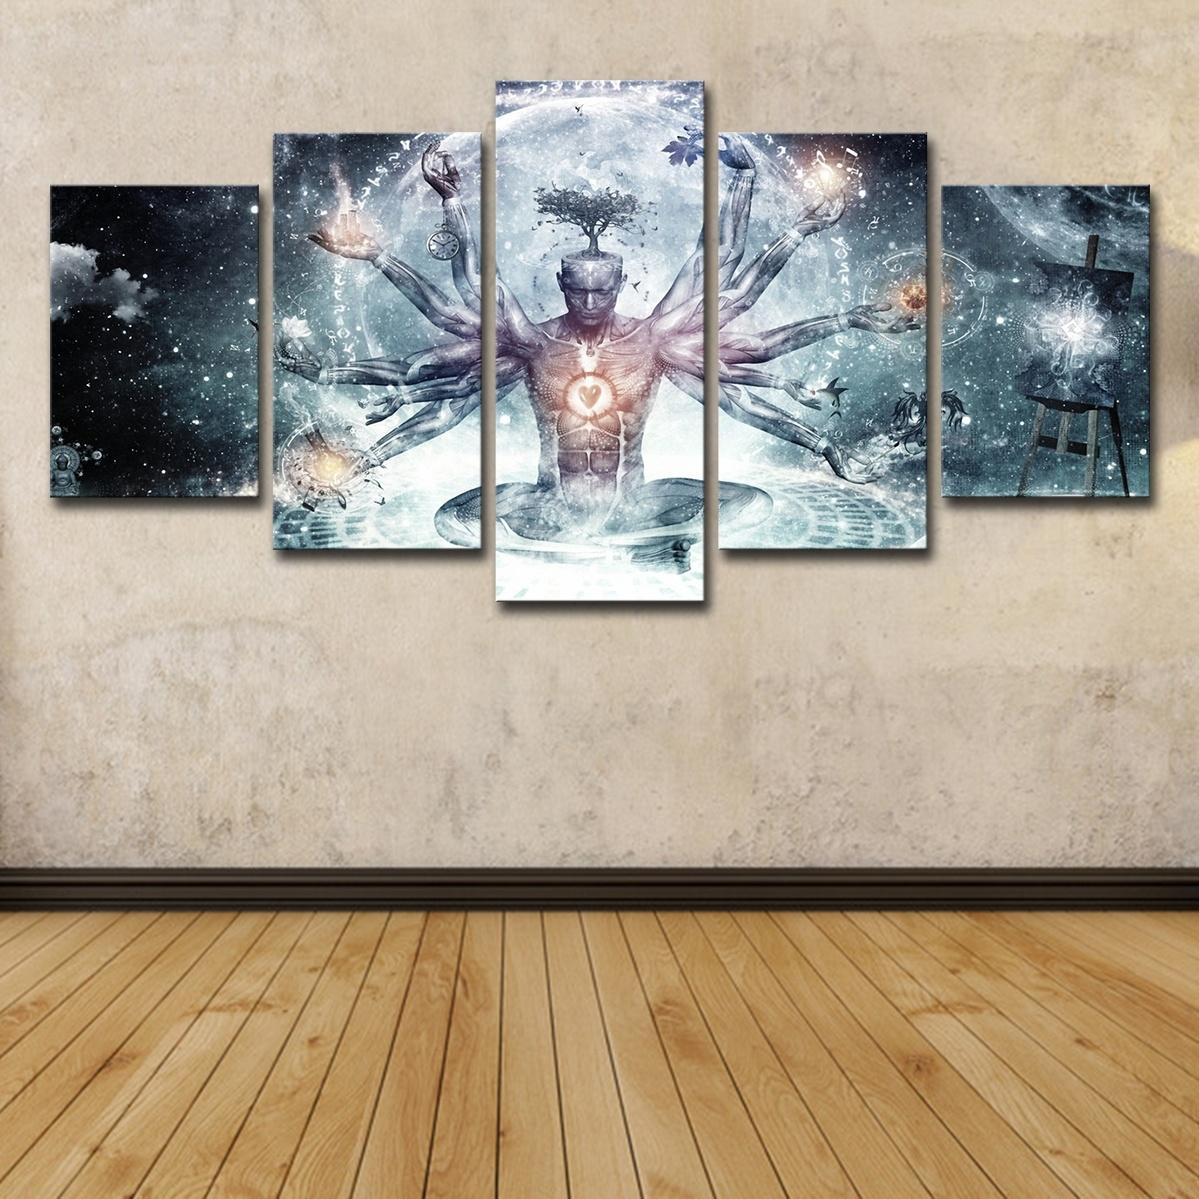 5pcs Bouddha Art Yoga Peinture Arbre Abstrait Méditation Mur Art HD Imprimer Toile Peinture De Mode Suspendre Photos